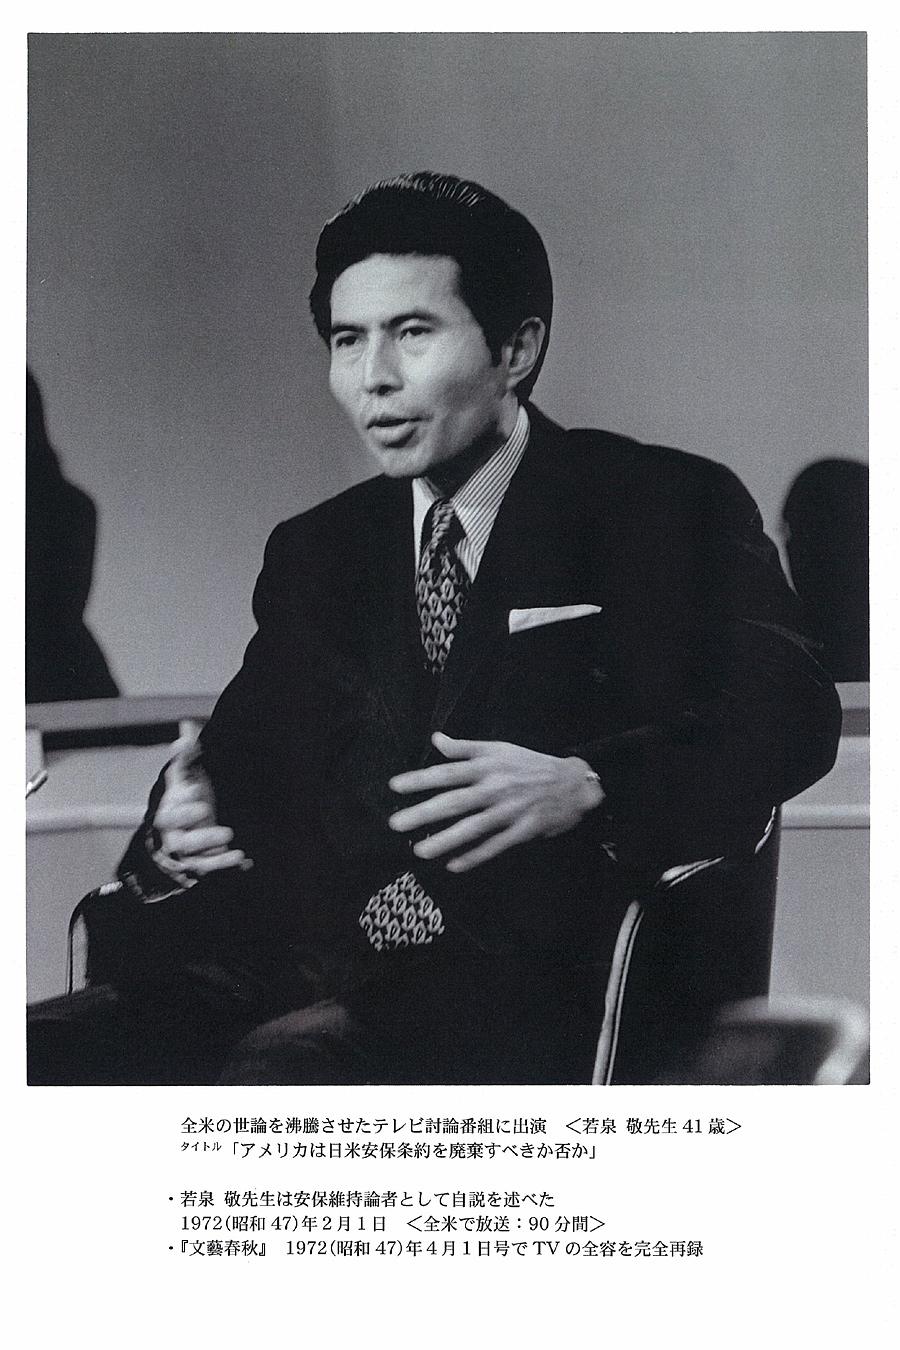 全米の世論を沸騰させたテレビ討論番組に出演<若泉 敬先生41歳> タイトル「アメリカは日米安保条約を破棄すべきか否か」